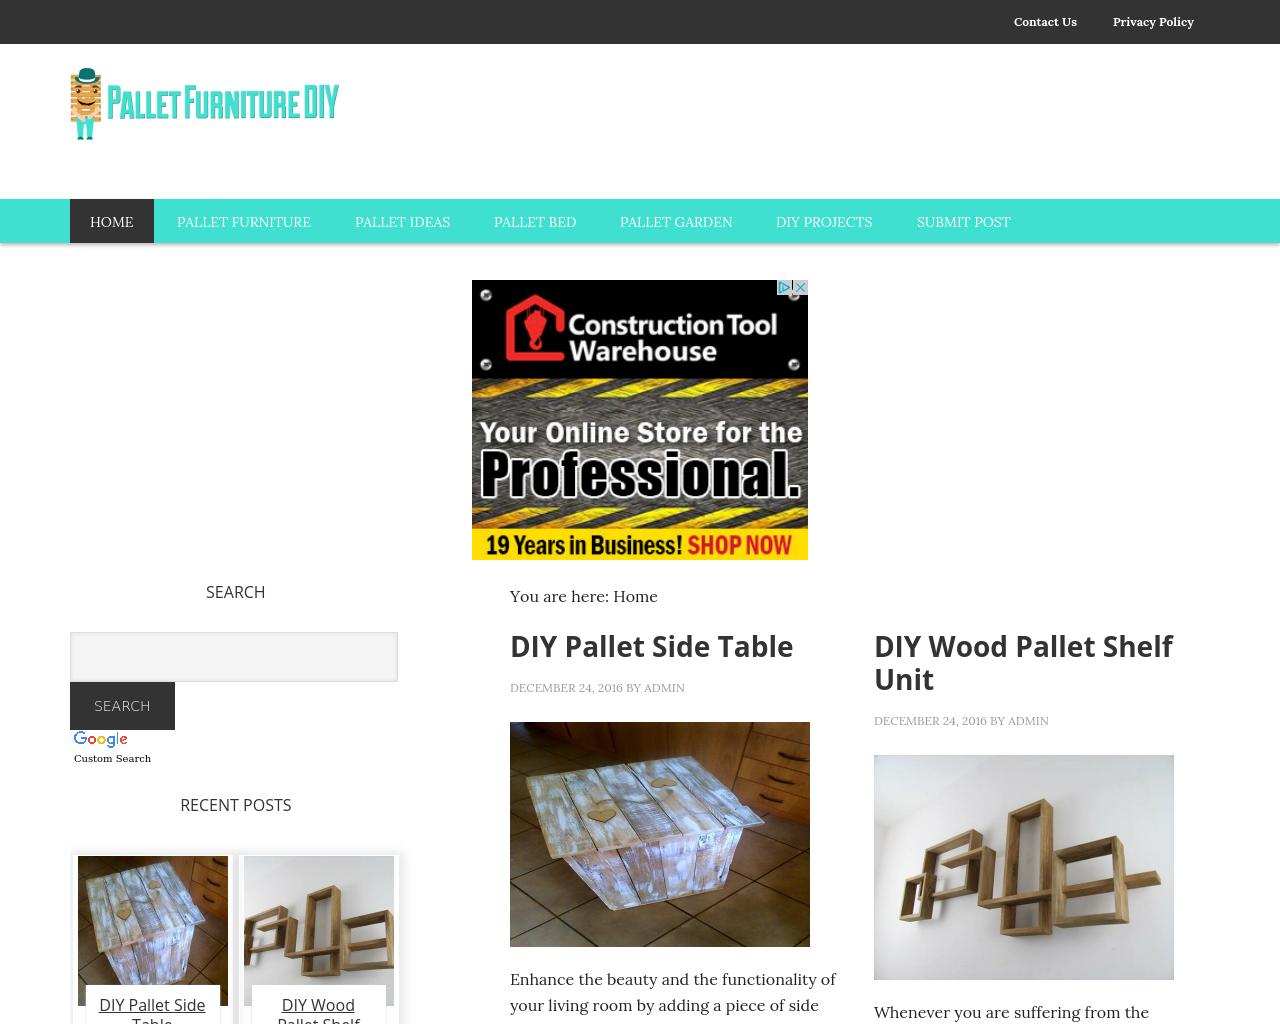 Pallet-Furniture-DIY-Advertising-Reviews-Pricing